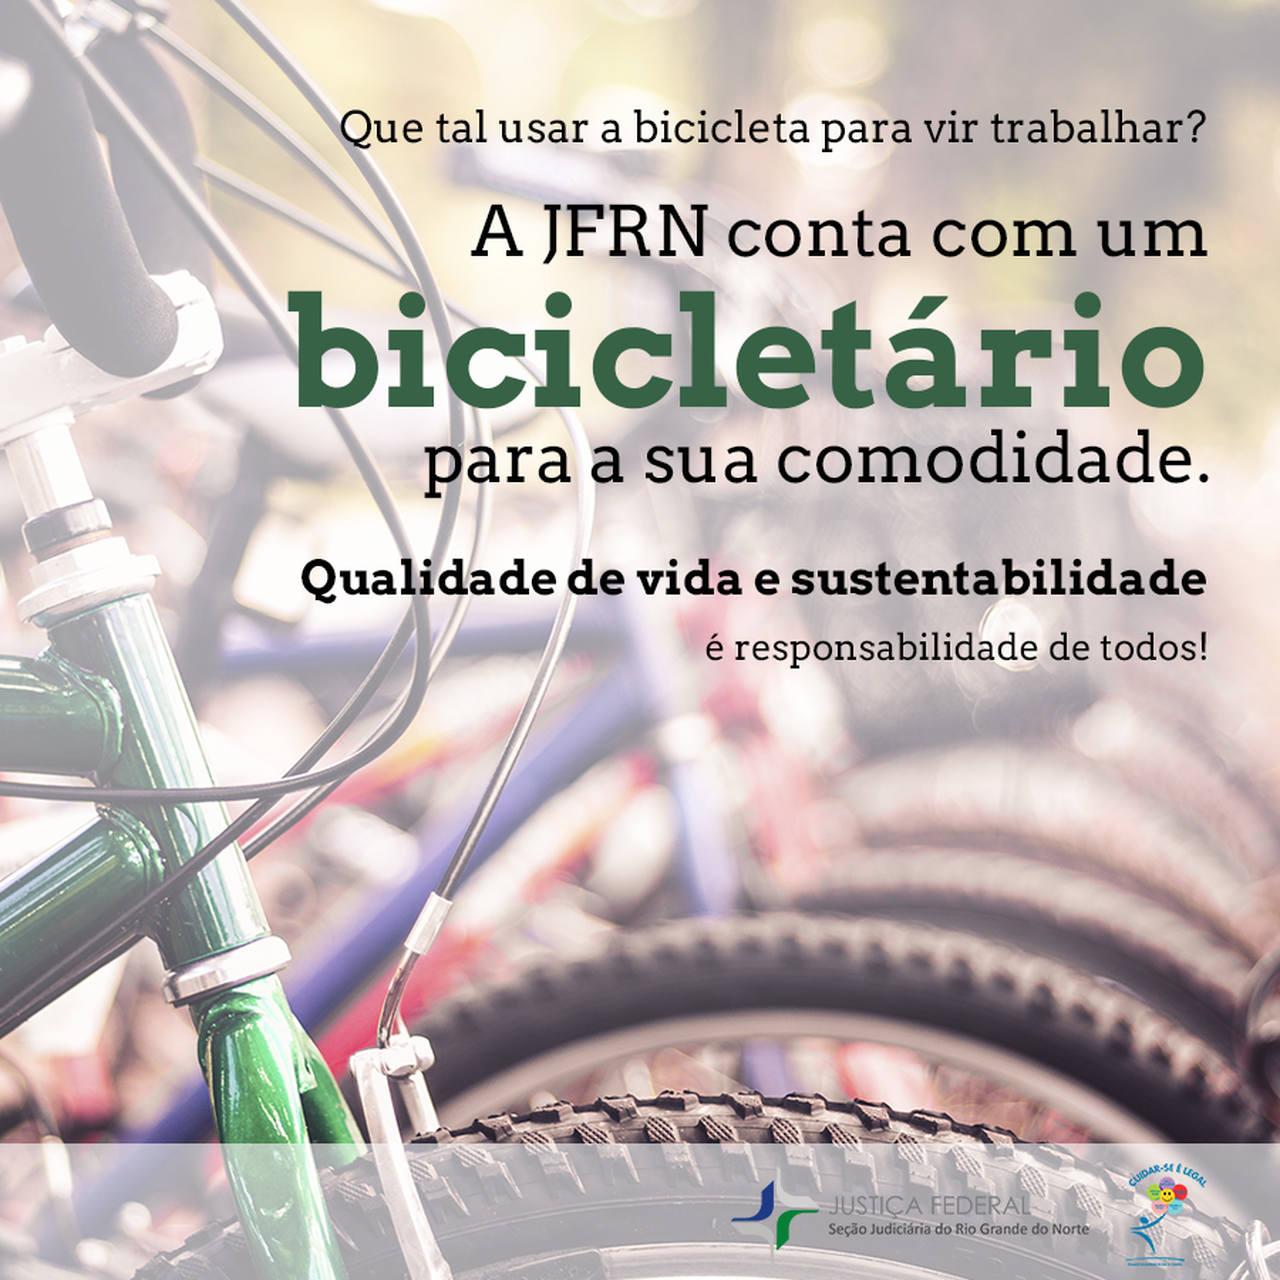 JFRN lança campanha pelo Dia Mundial sem Carro